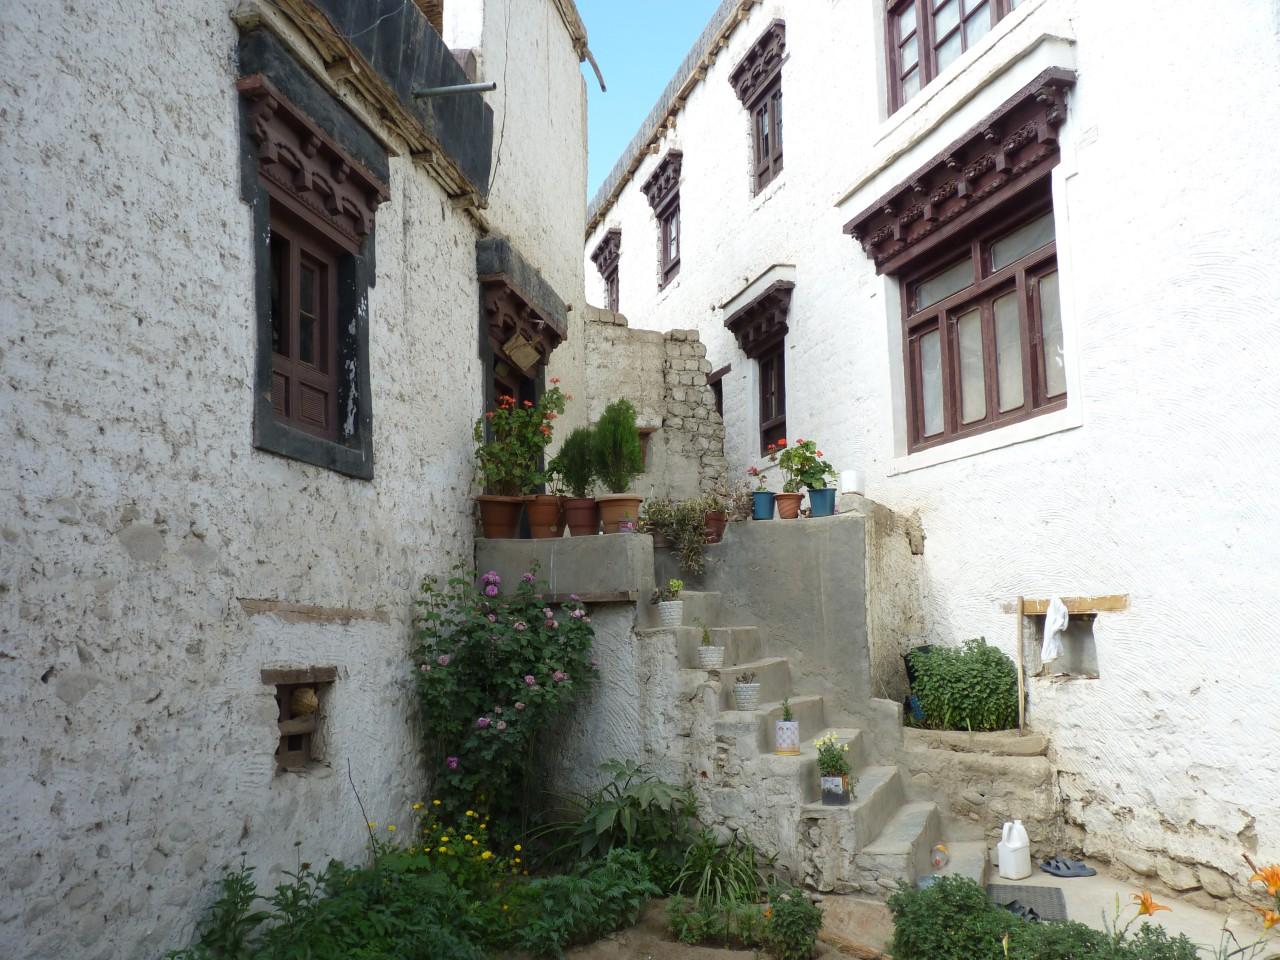 라다크 전통가옥...1층은 가축, 2층은 사람, 3층은 신을 위한 공간.